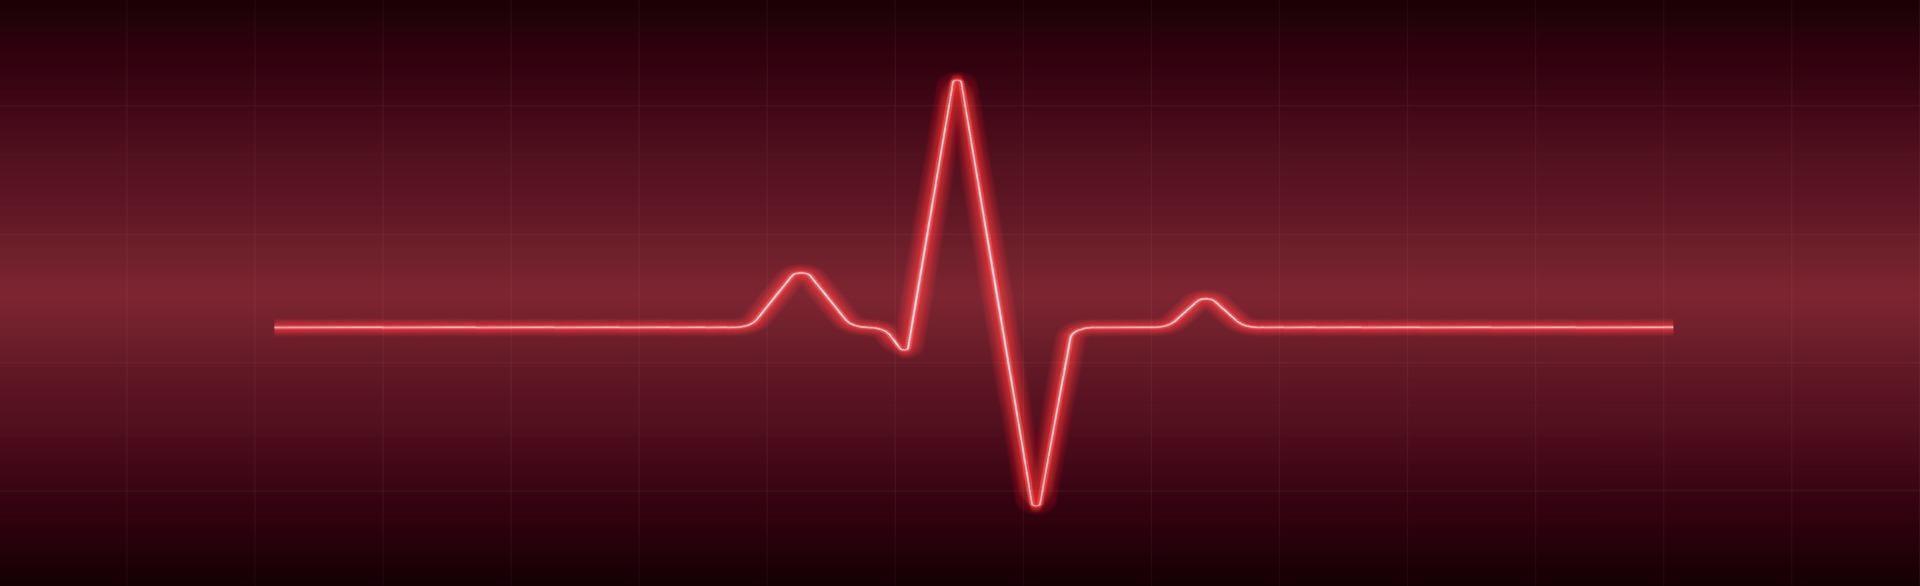 battito cardiaco - linea rossa curva su sfondo rosso-nero vettore